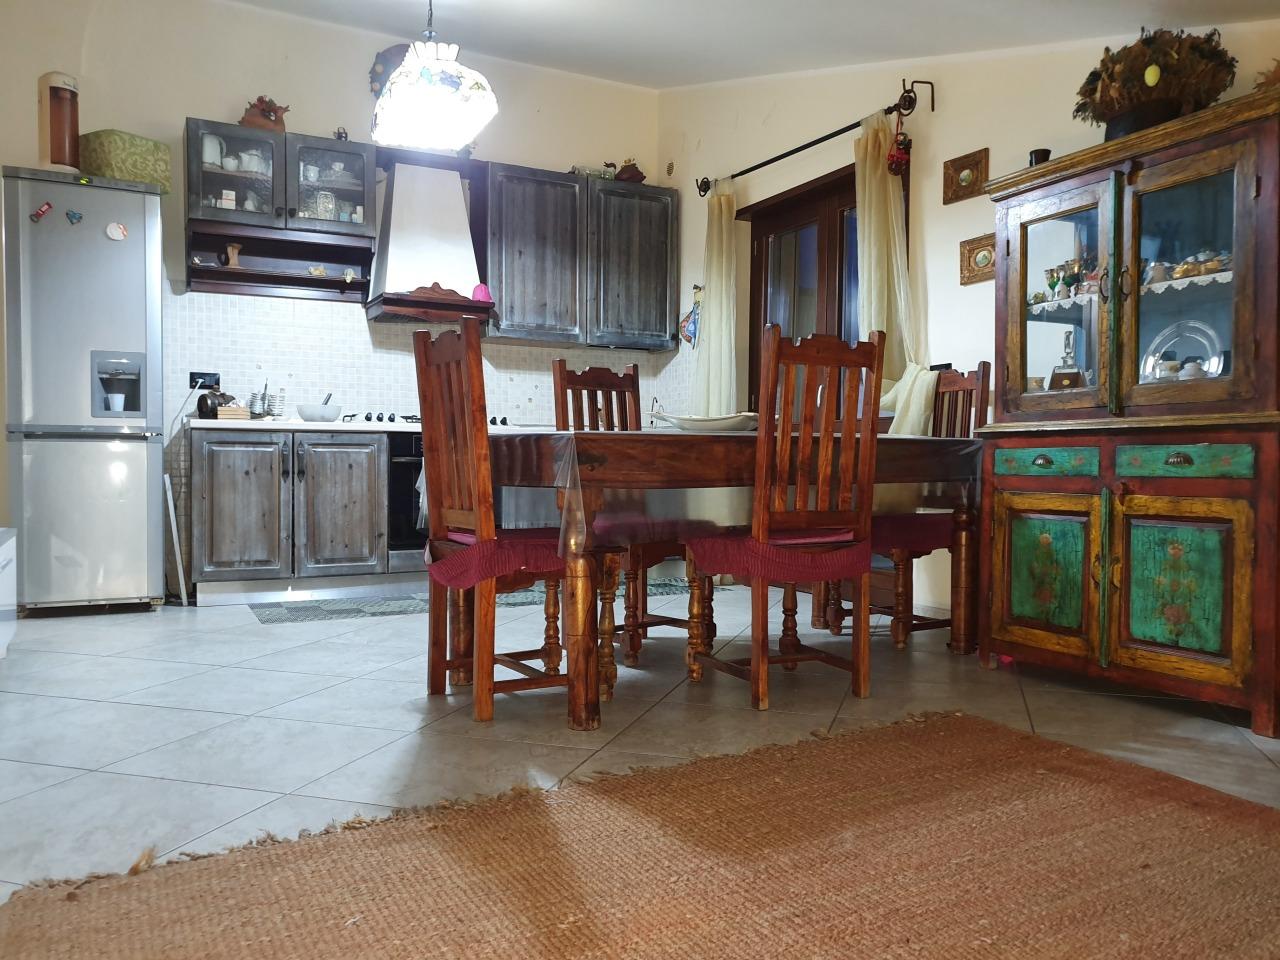 Attico / Mansarda in vendita a Catanzaro, 3 locali, prezzo € 98.000 | PortaleAgenzieImmobiliari.it